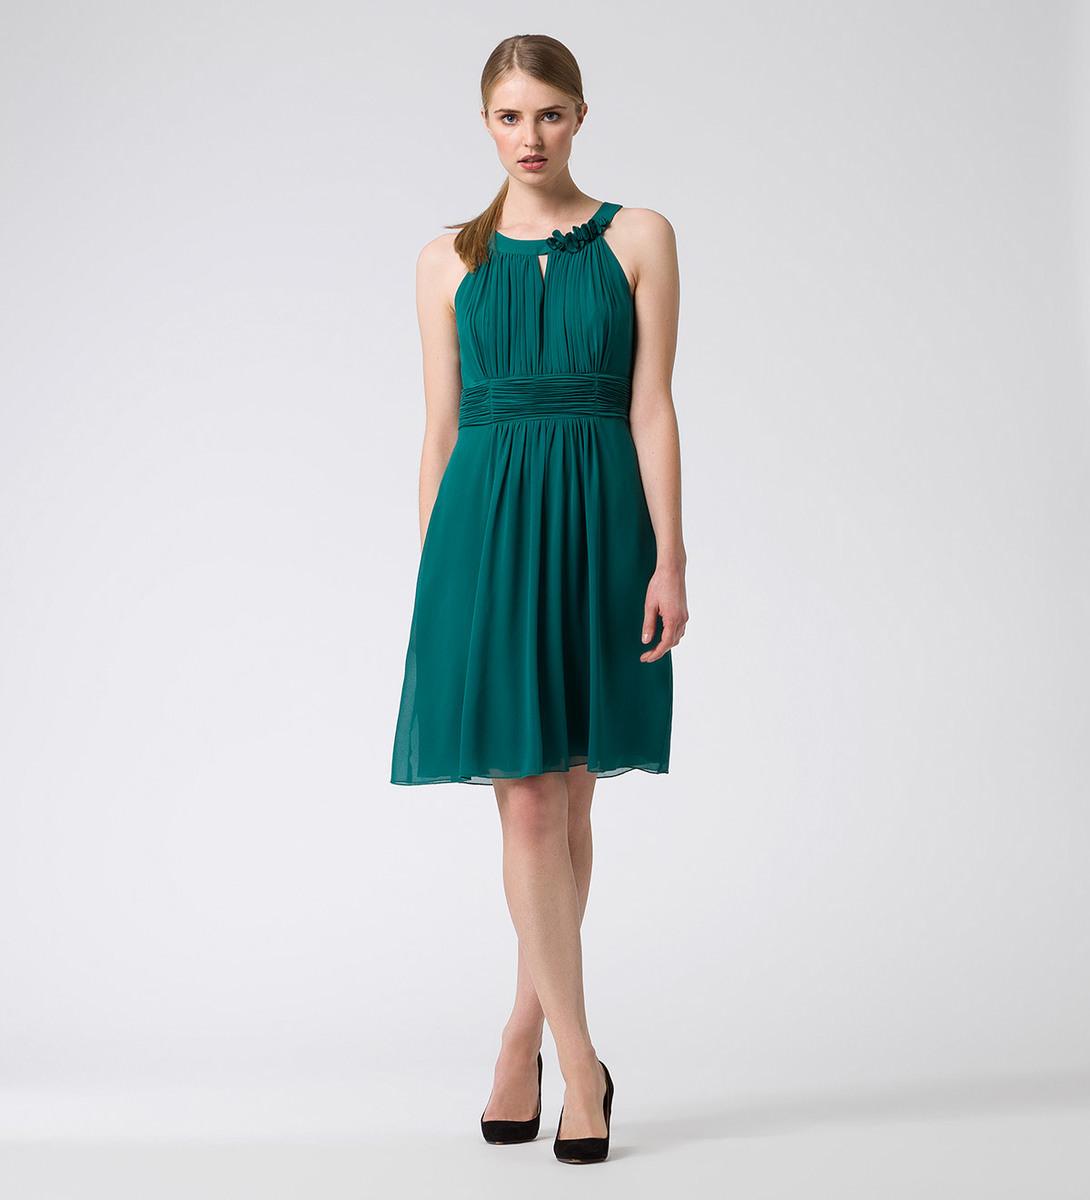 Kleid im eleganten Design 5614